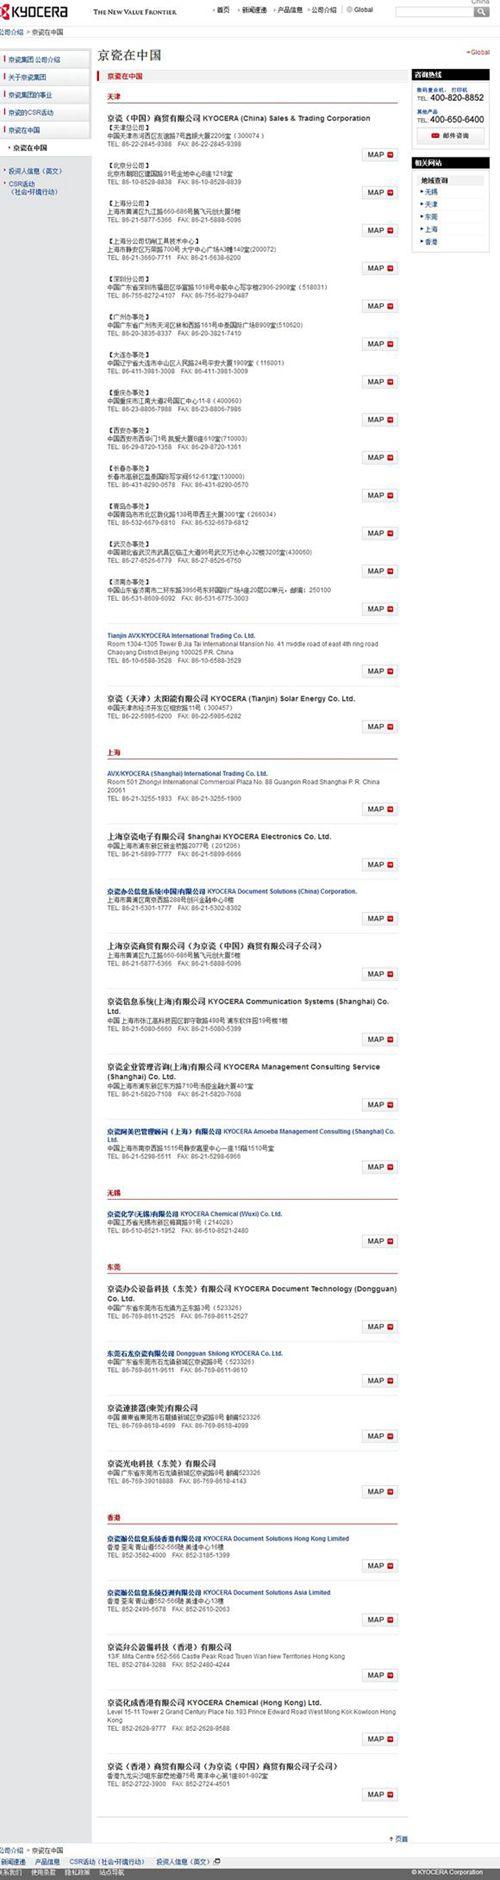 """截至发稿时,京瓷集团官网中的""""京瓷在中国""""仍没有台湾地区分公司内容。"""